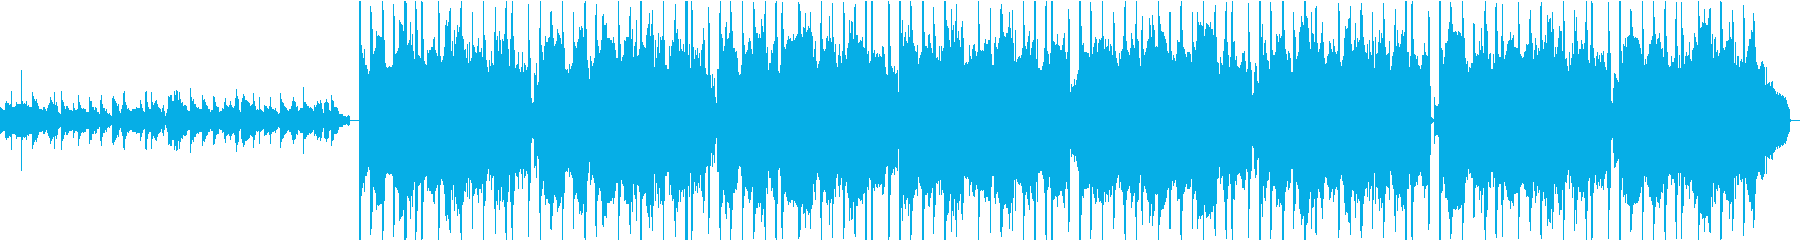 ベースでしっとりLo-Fiチルな楽曲の再生済みの波形